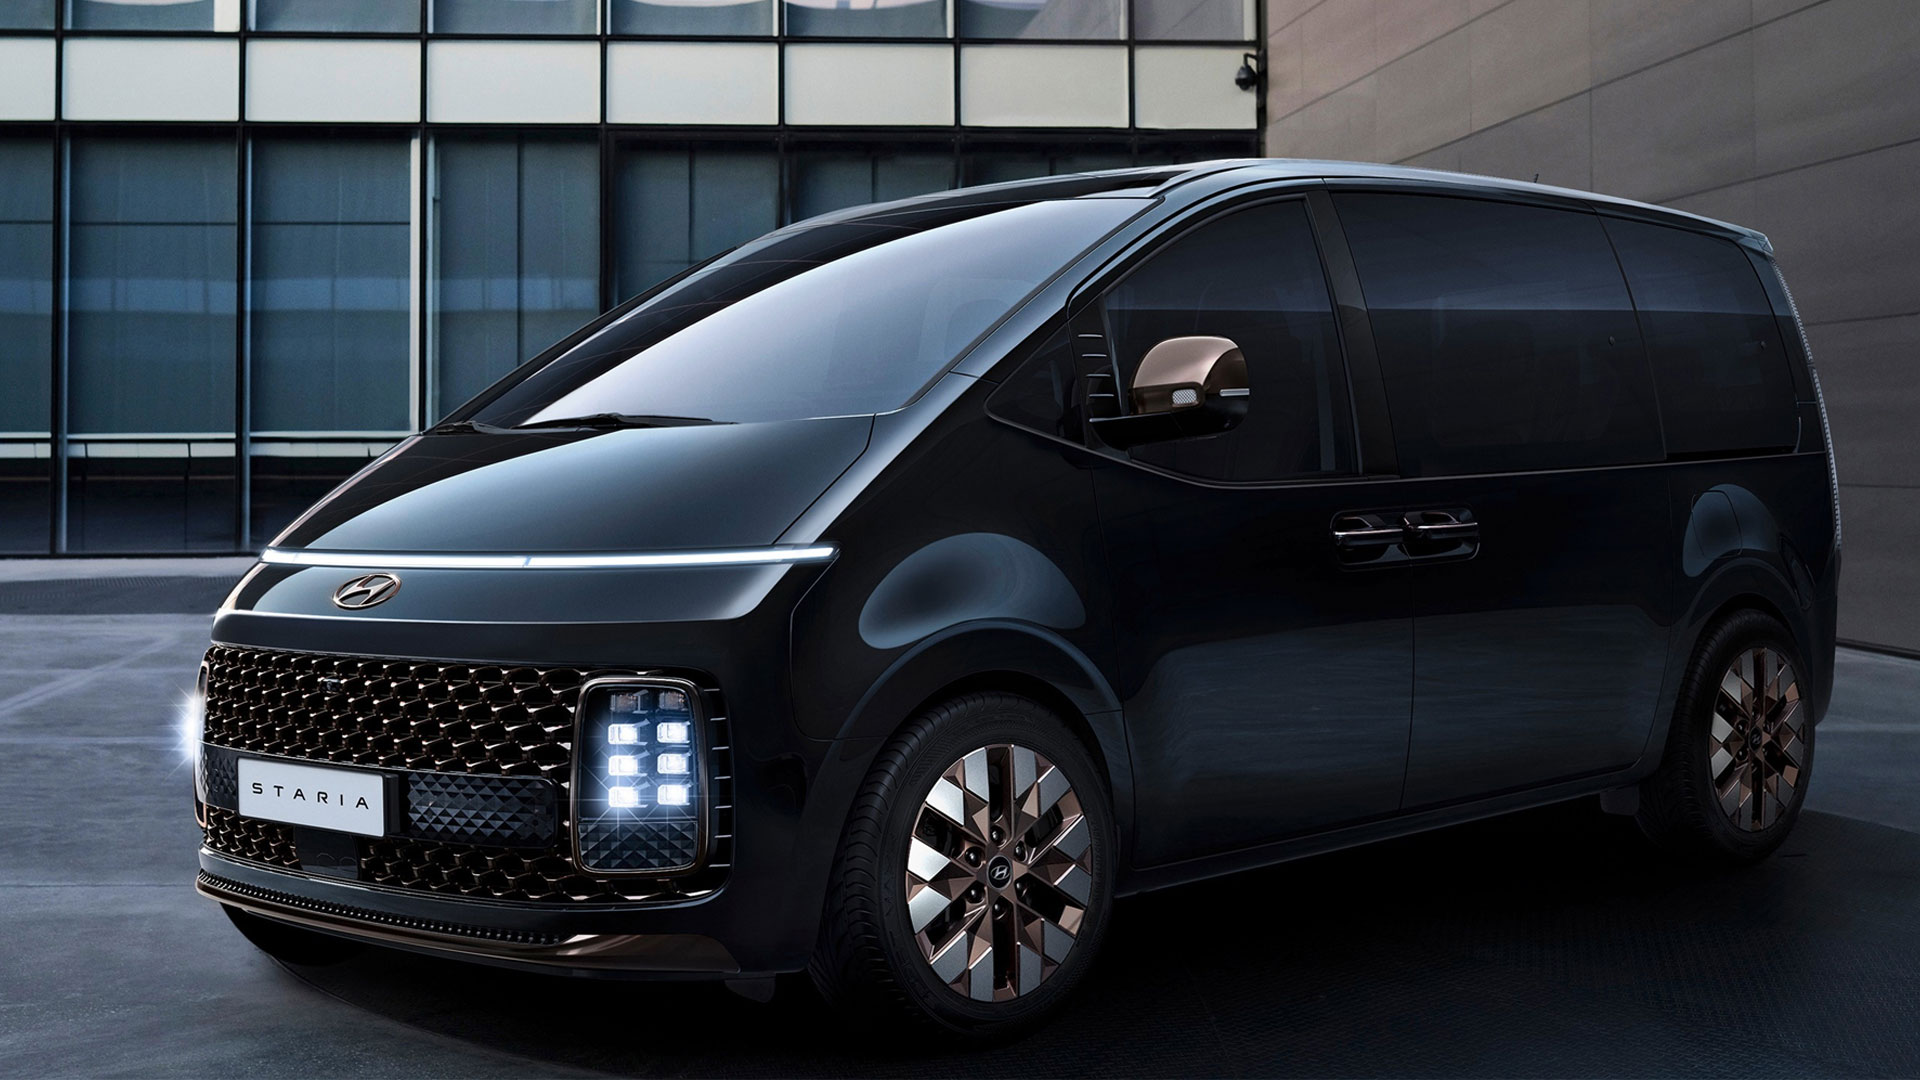 The New Hyundai Staria MPV